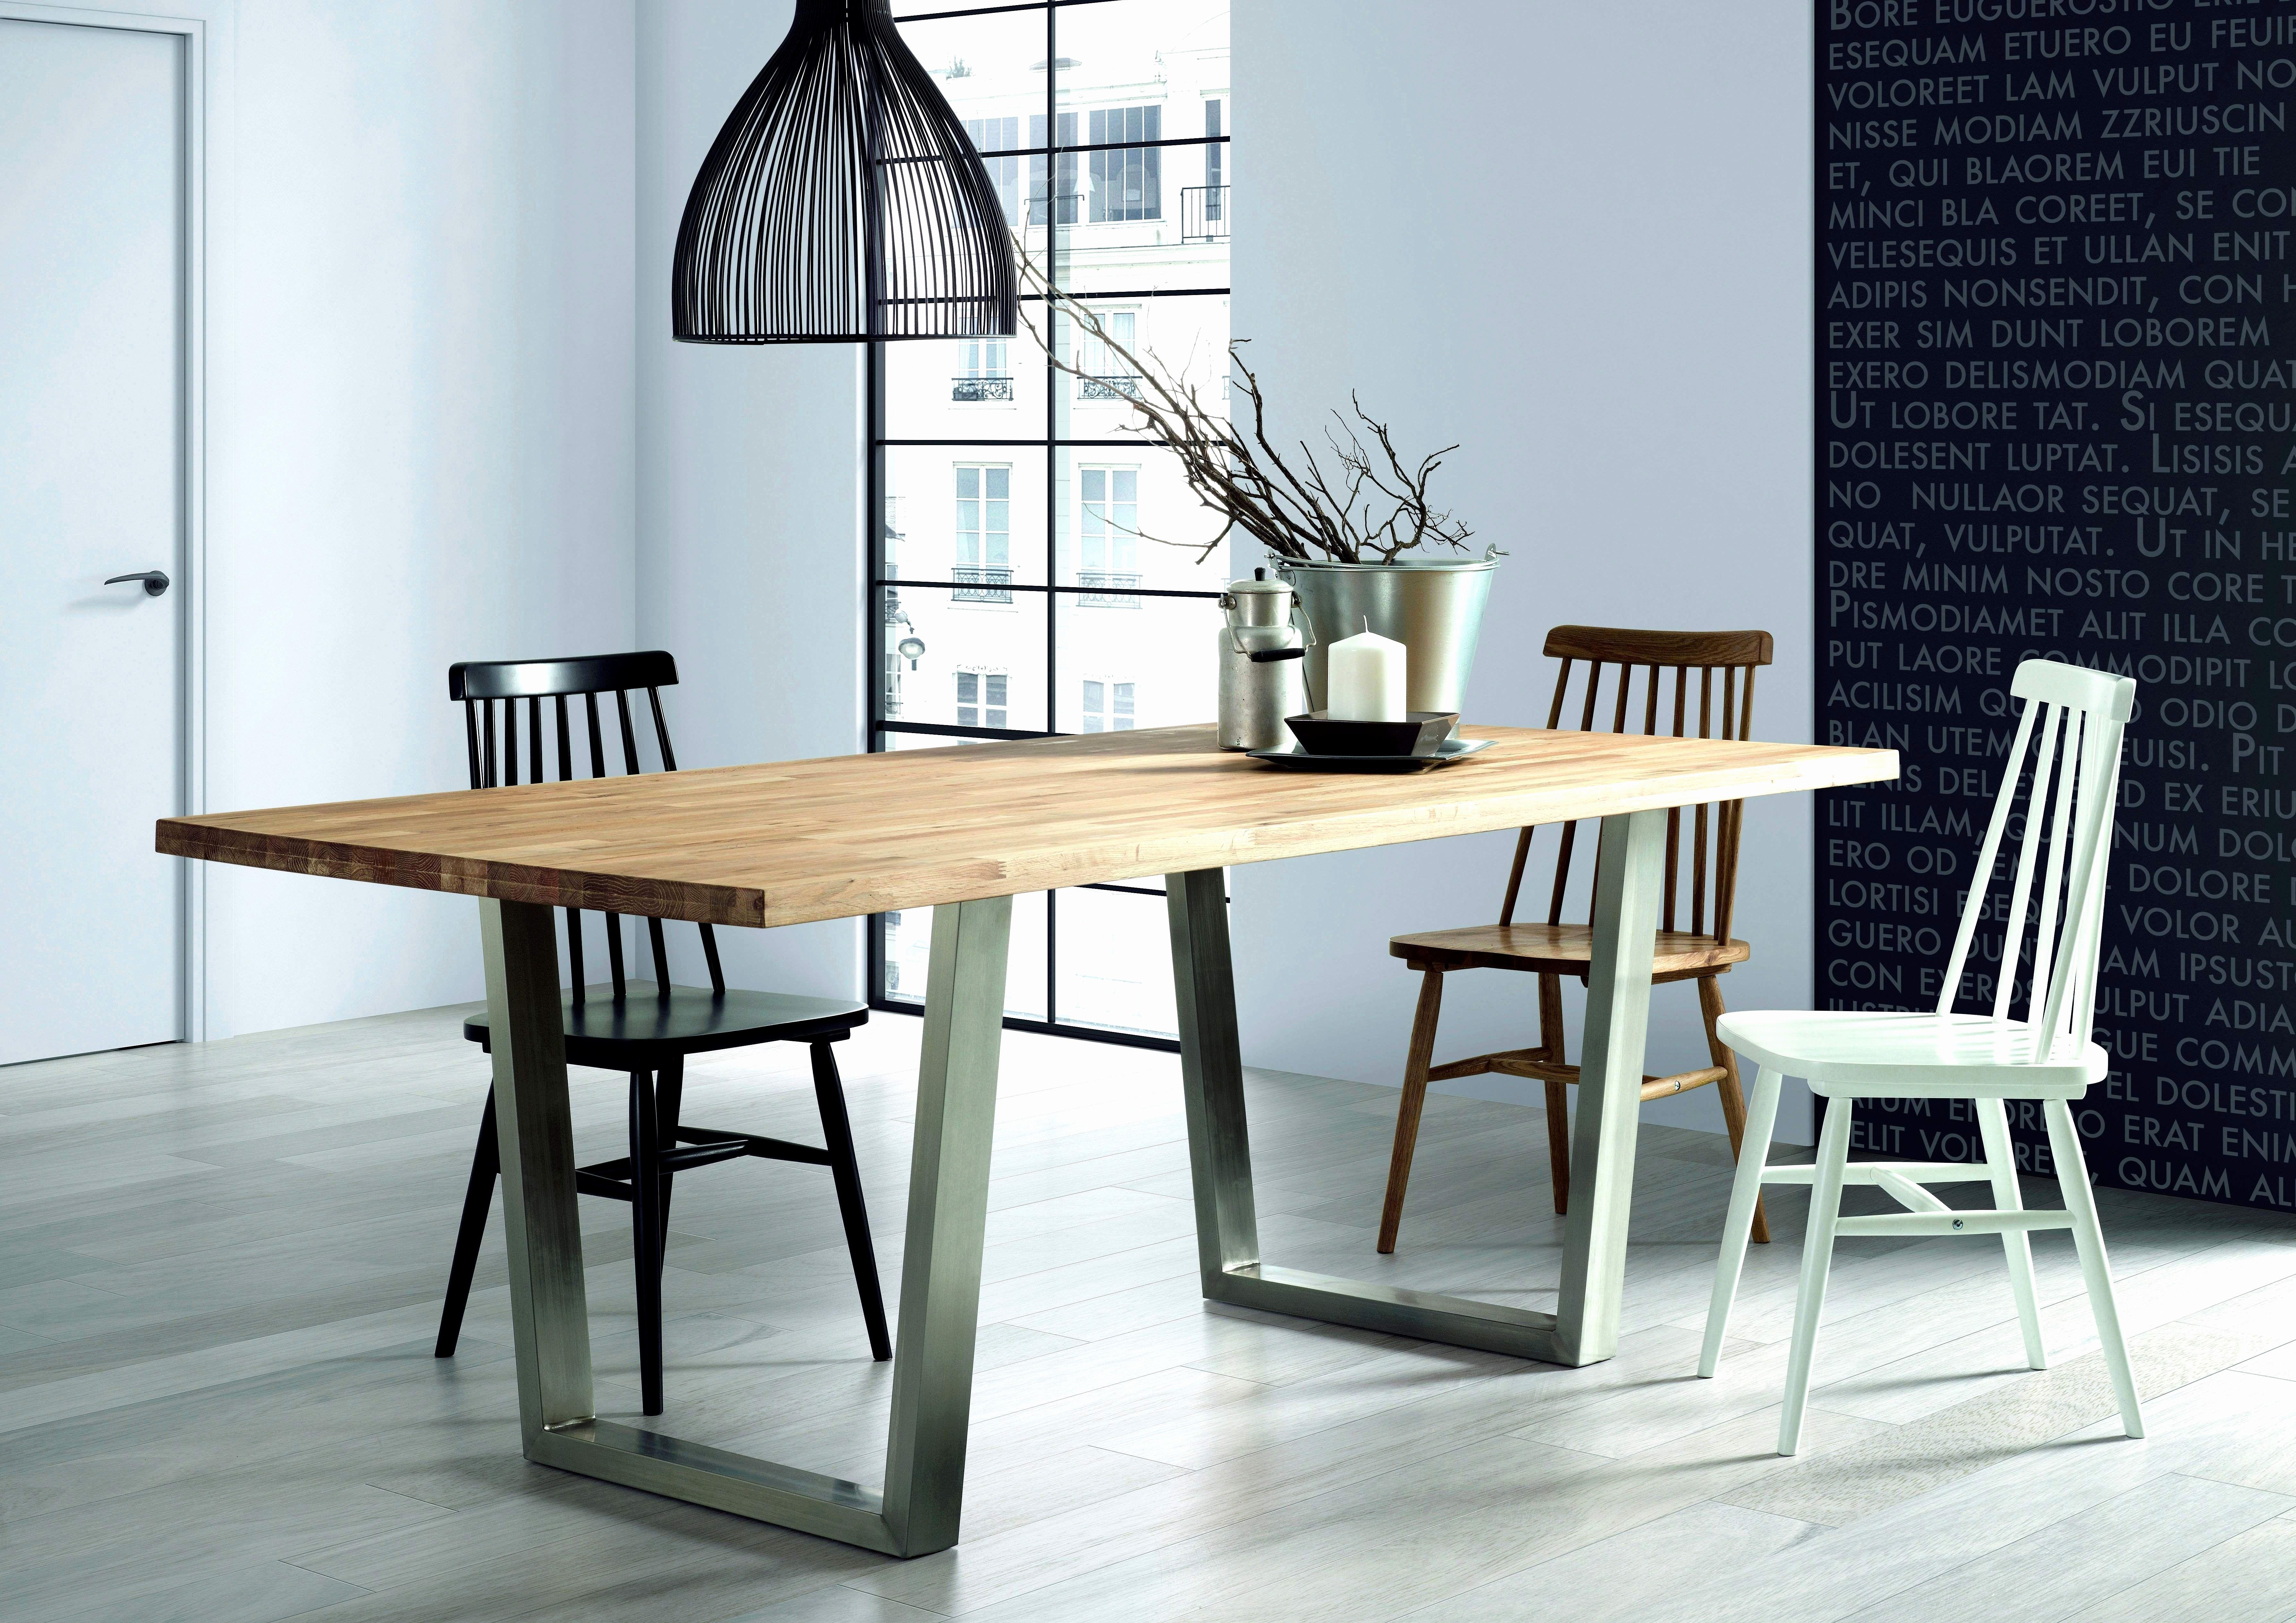 70 Salon De Jardin Rouge | idee deco di 2019 | Ikea table ...